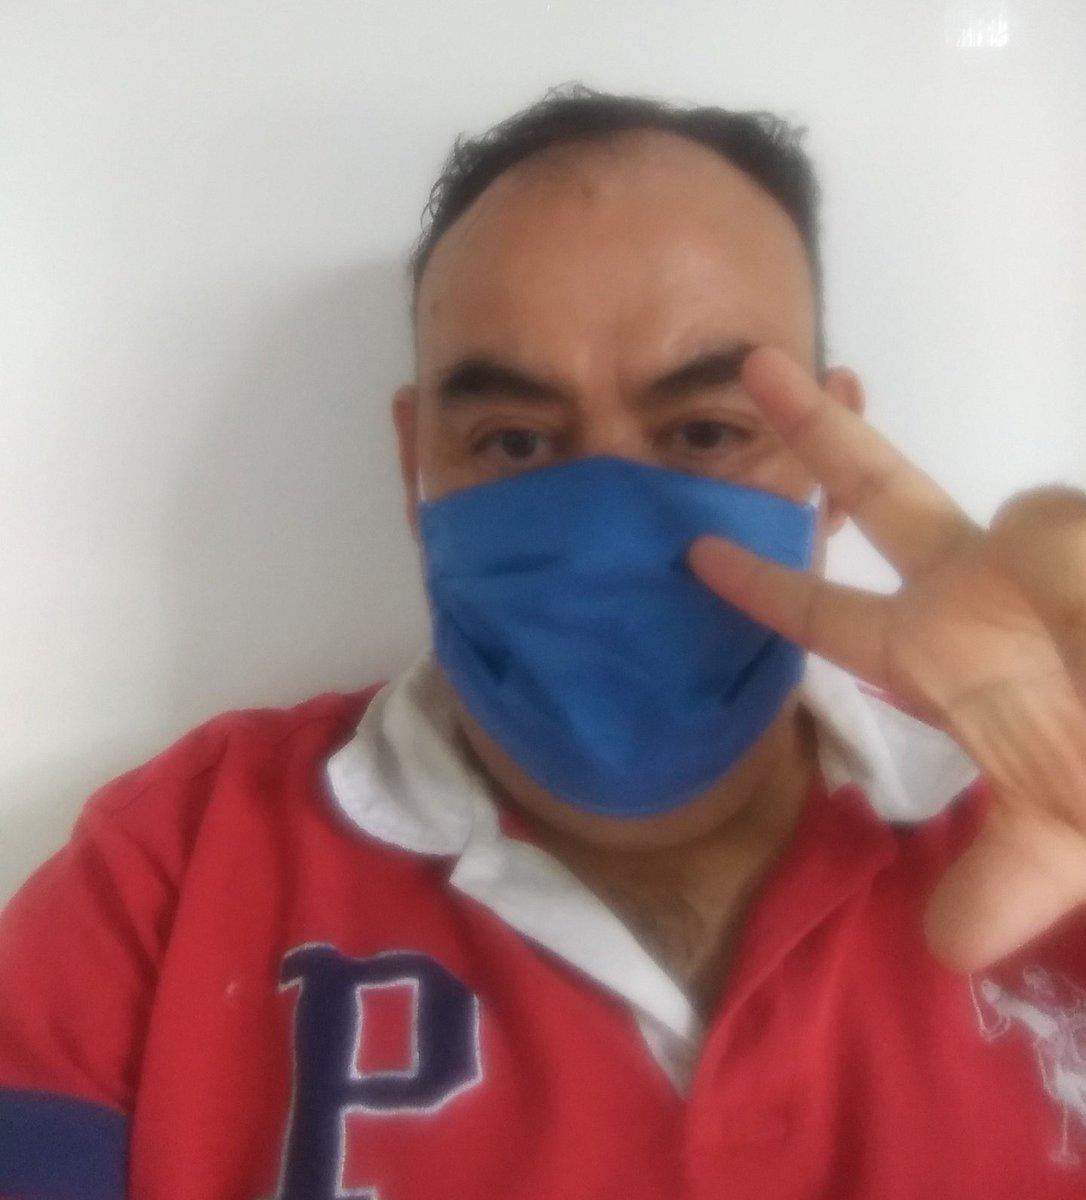 @exlldm @ResisteK2020 @JCOrthoFit @EPN En Jalisco queda prohibido no usar #UsaCubrebocas,y si el ciudadano no lo porta sera #levantado y #torturado por os #SICARIOS #cjng y #cds simis de la @FiscaliaJal medida aprobada por @GobiernoMxJal @EnriqueAlfaroR https://t.co/VfROEievrE #lldm #gdl https://t.co/R76SuKfYl0